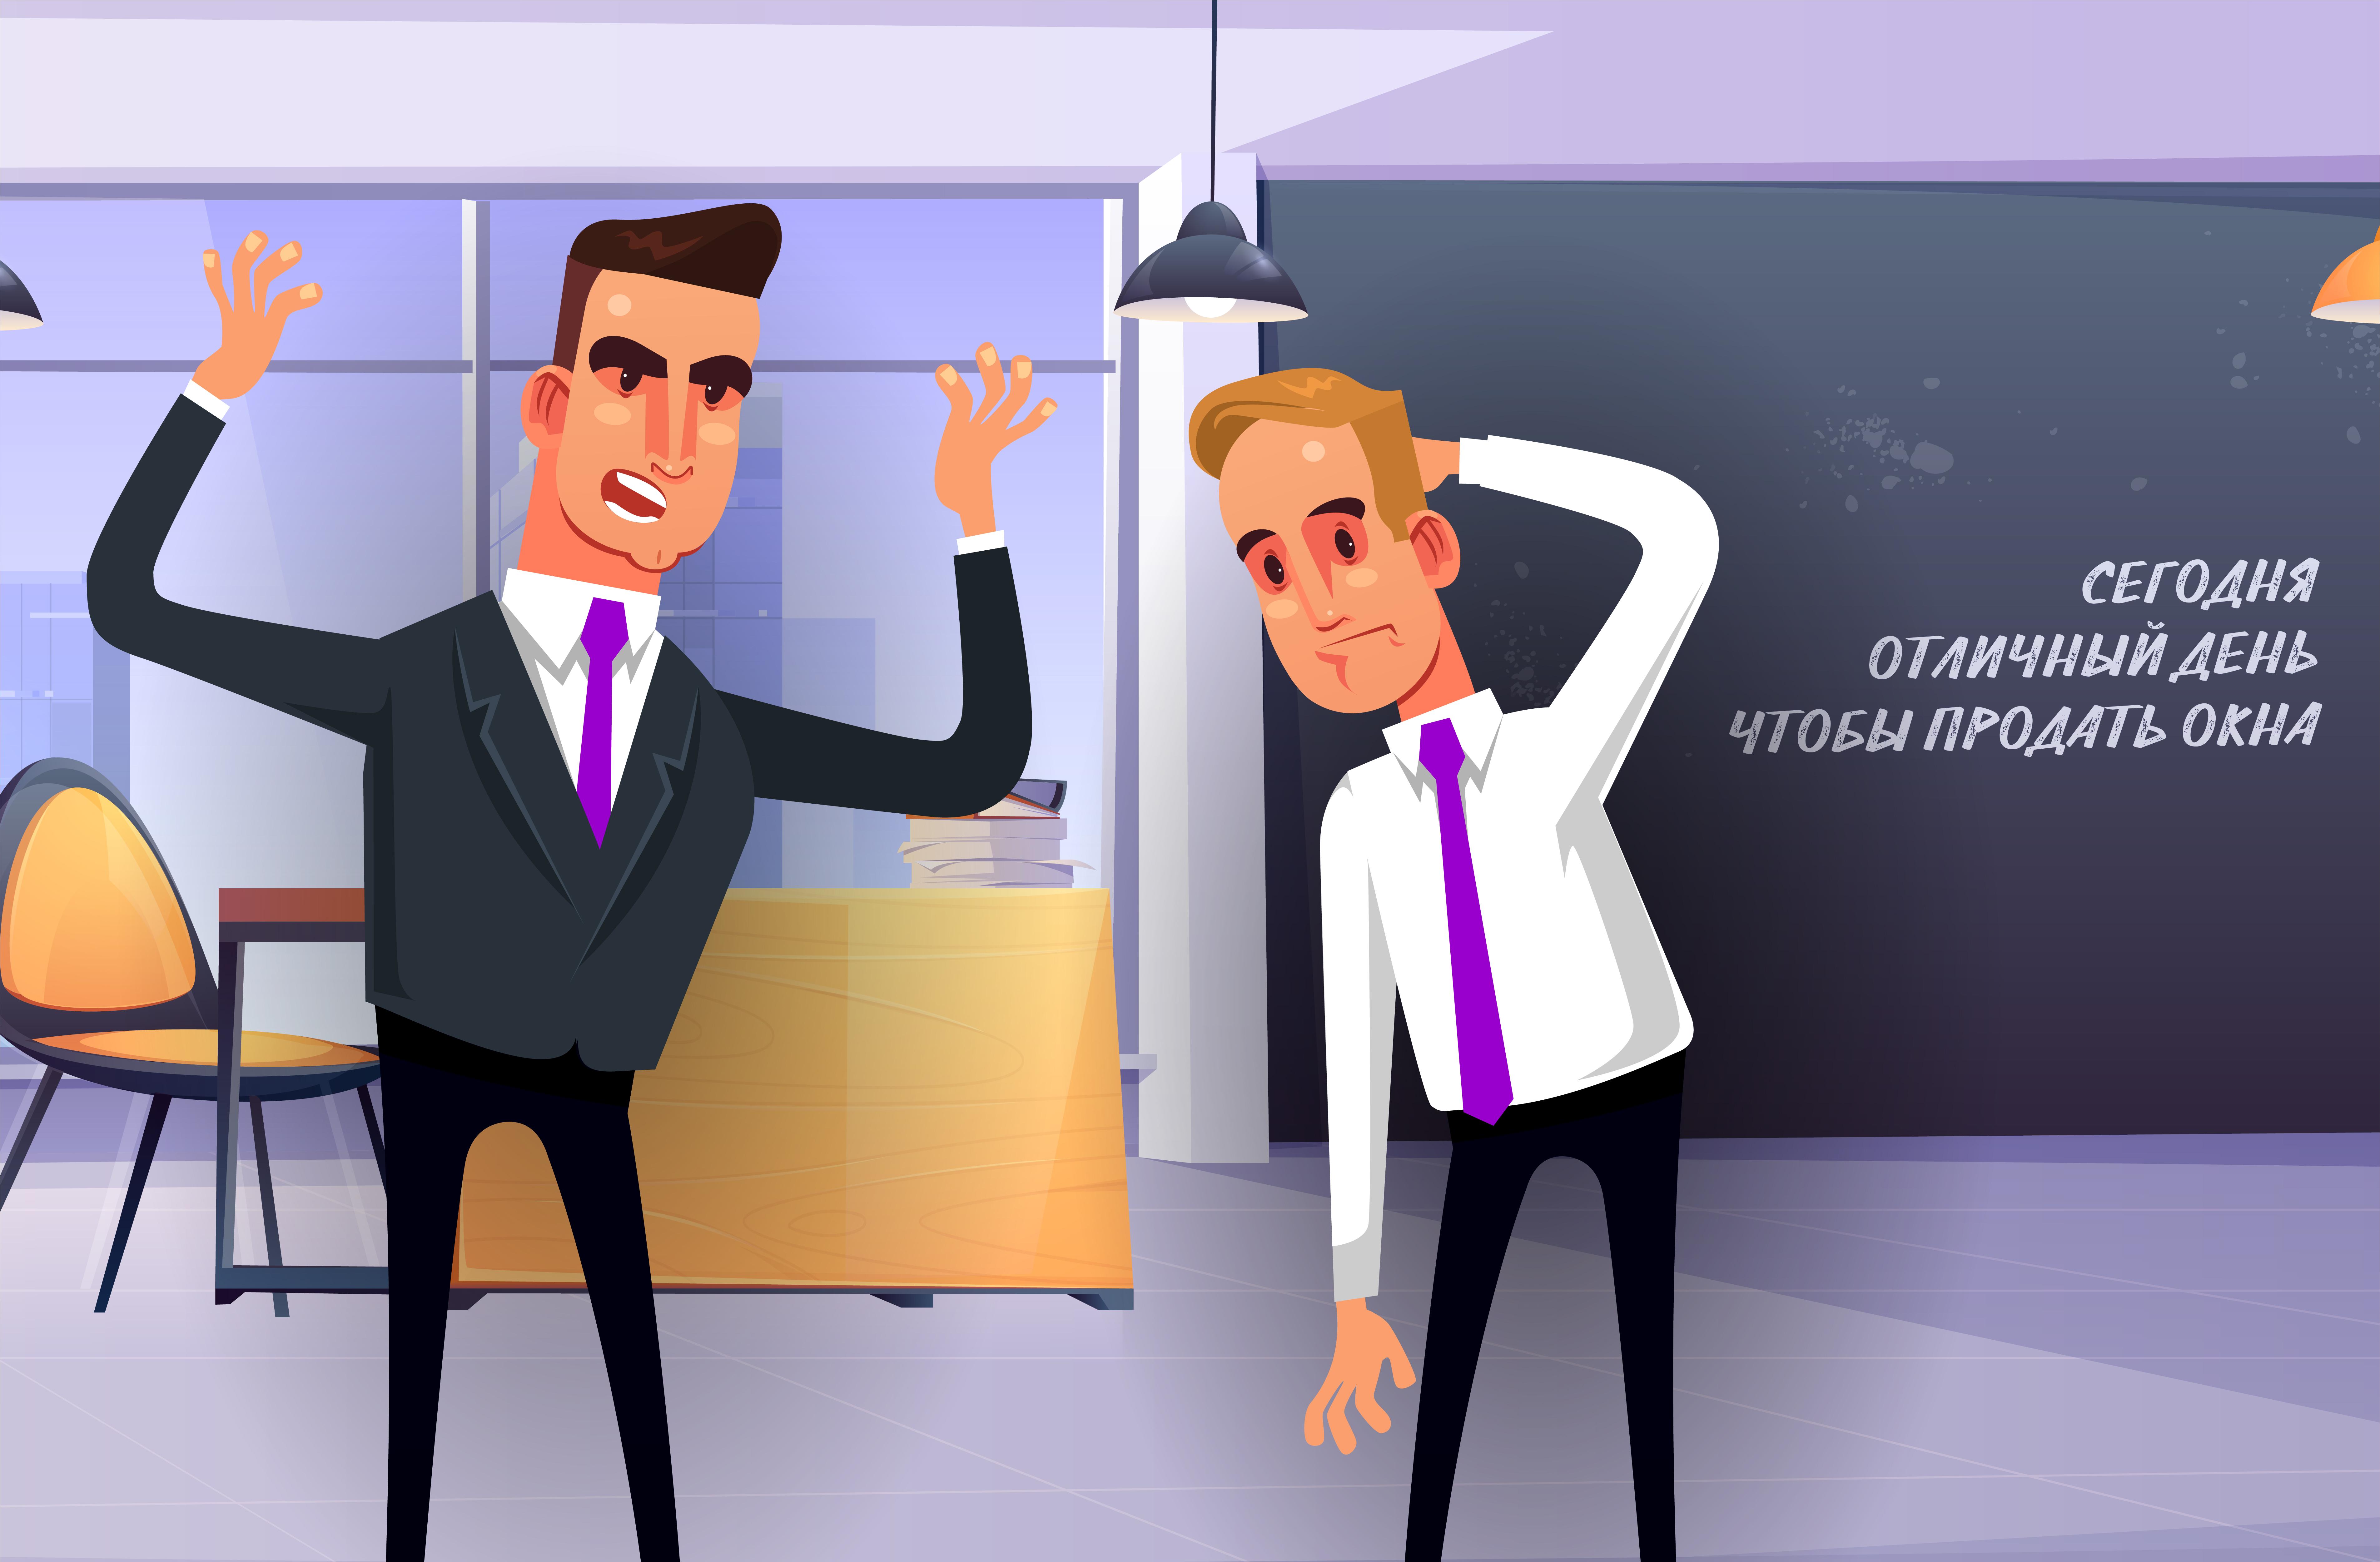 Как реагировать на ошибки менеджеров, чтобы не демотивировать сотрудников